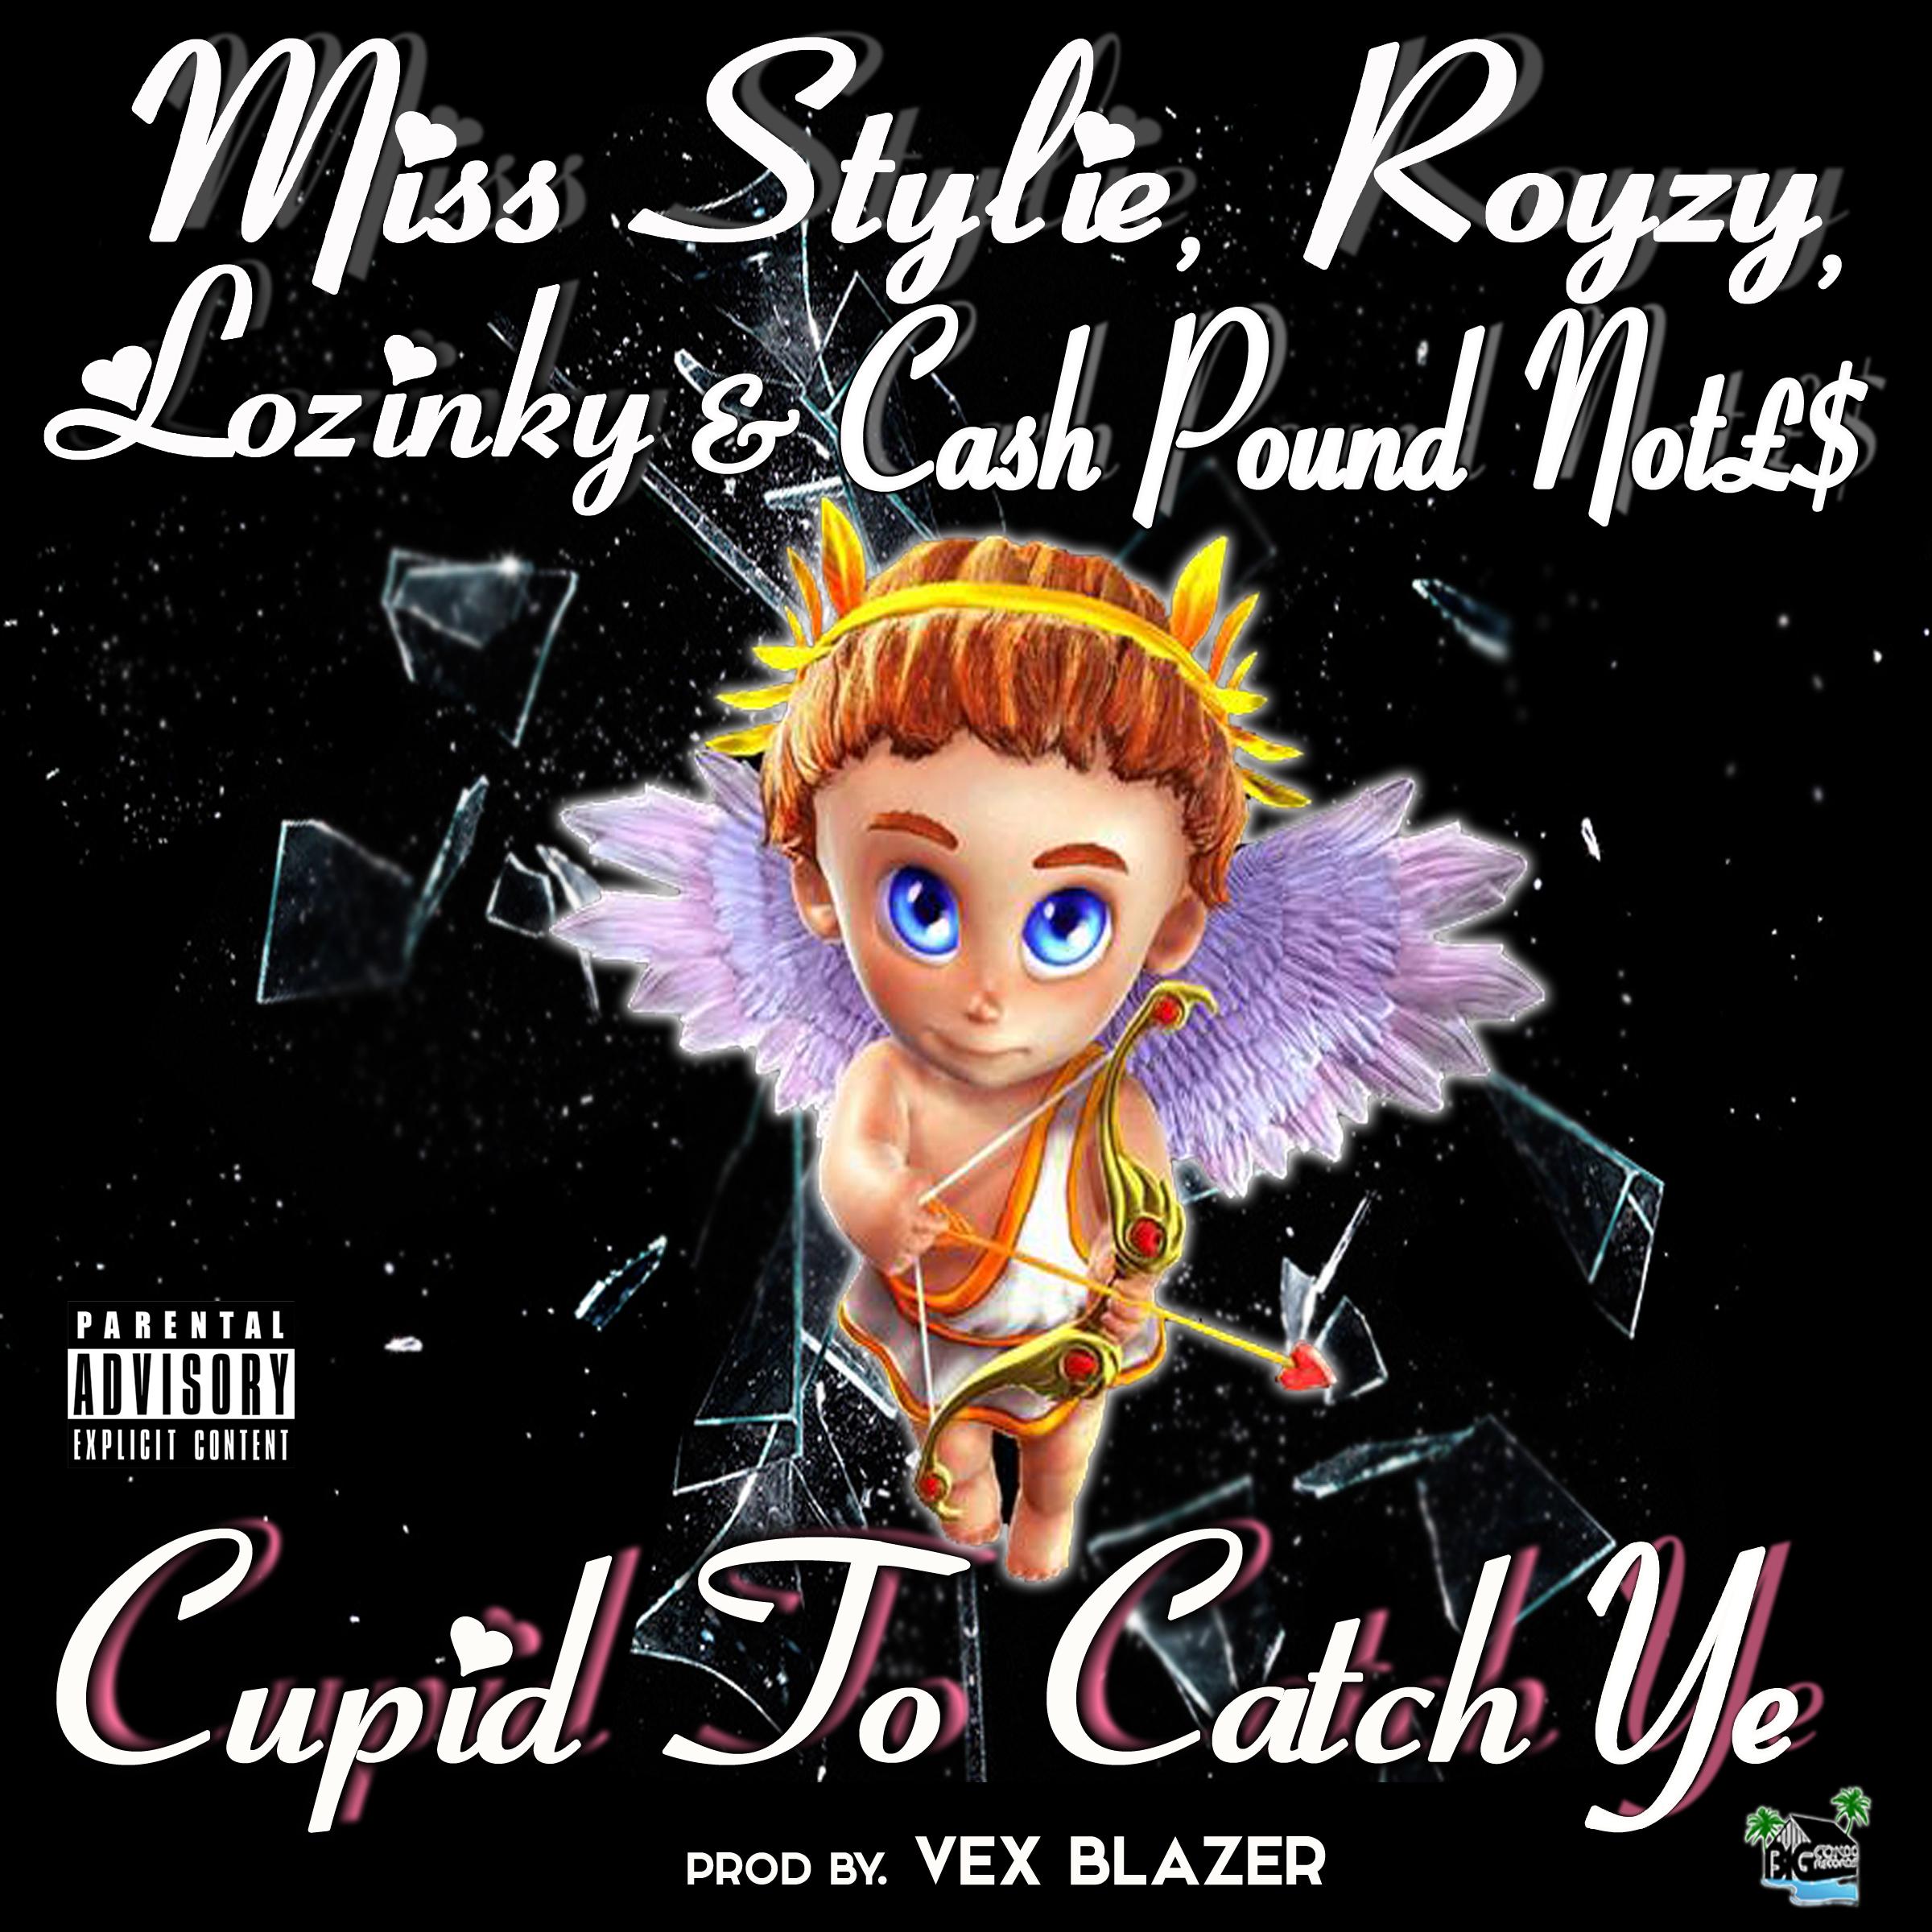 Miss Stylie, Royzy, Cash Pound Notes, Lozinky - Cupid To Catch Ye